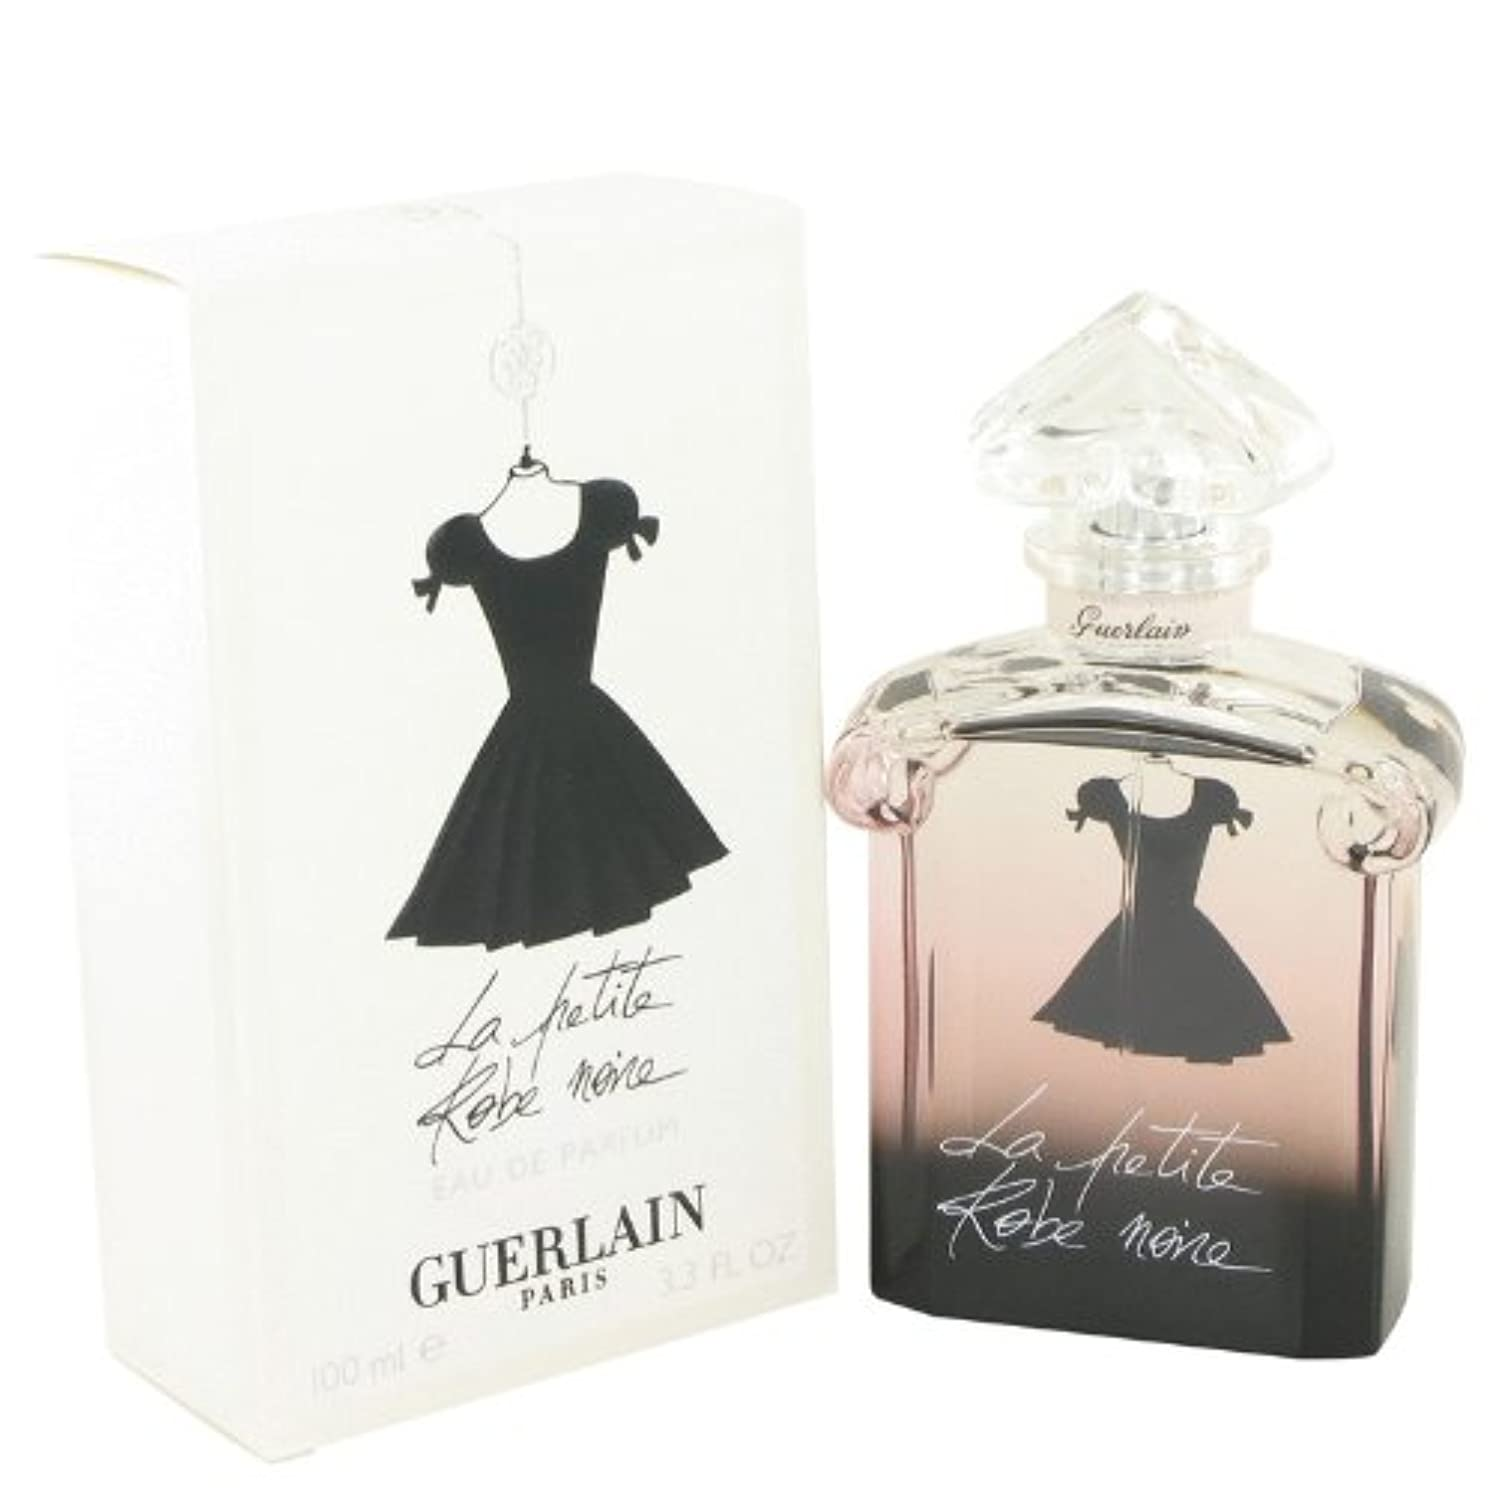 巻き戻すアデレード幼児La Petite Robe Noire (ラ プティ ローブ ノアー) 6.7 oz (200ml) Body Milk by Guerlain for Women